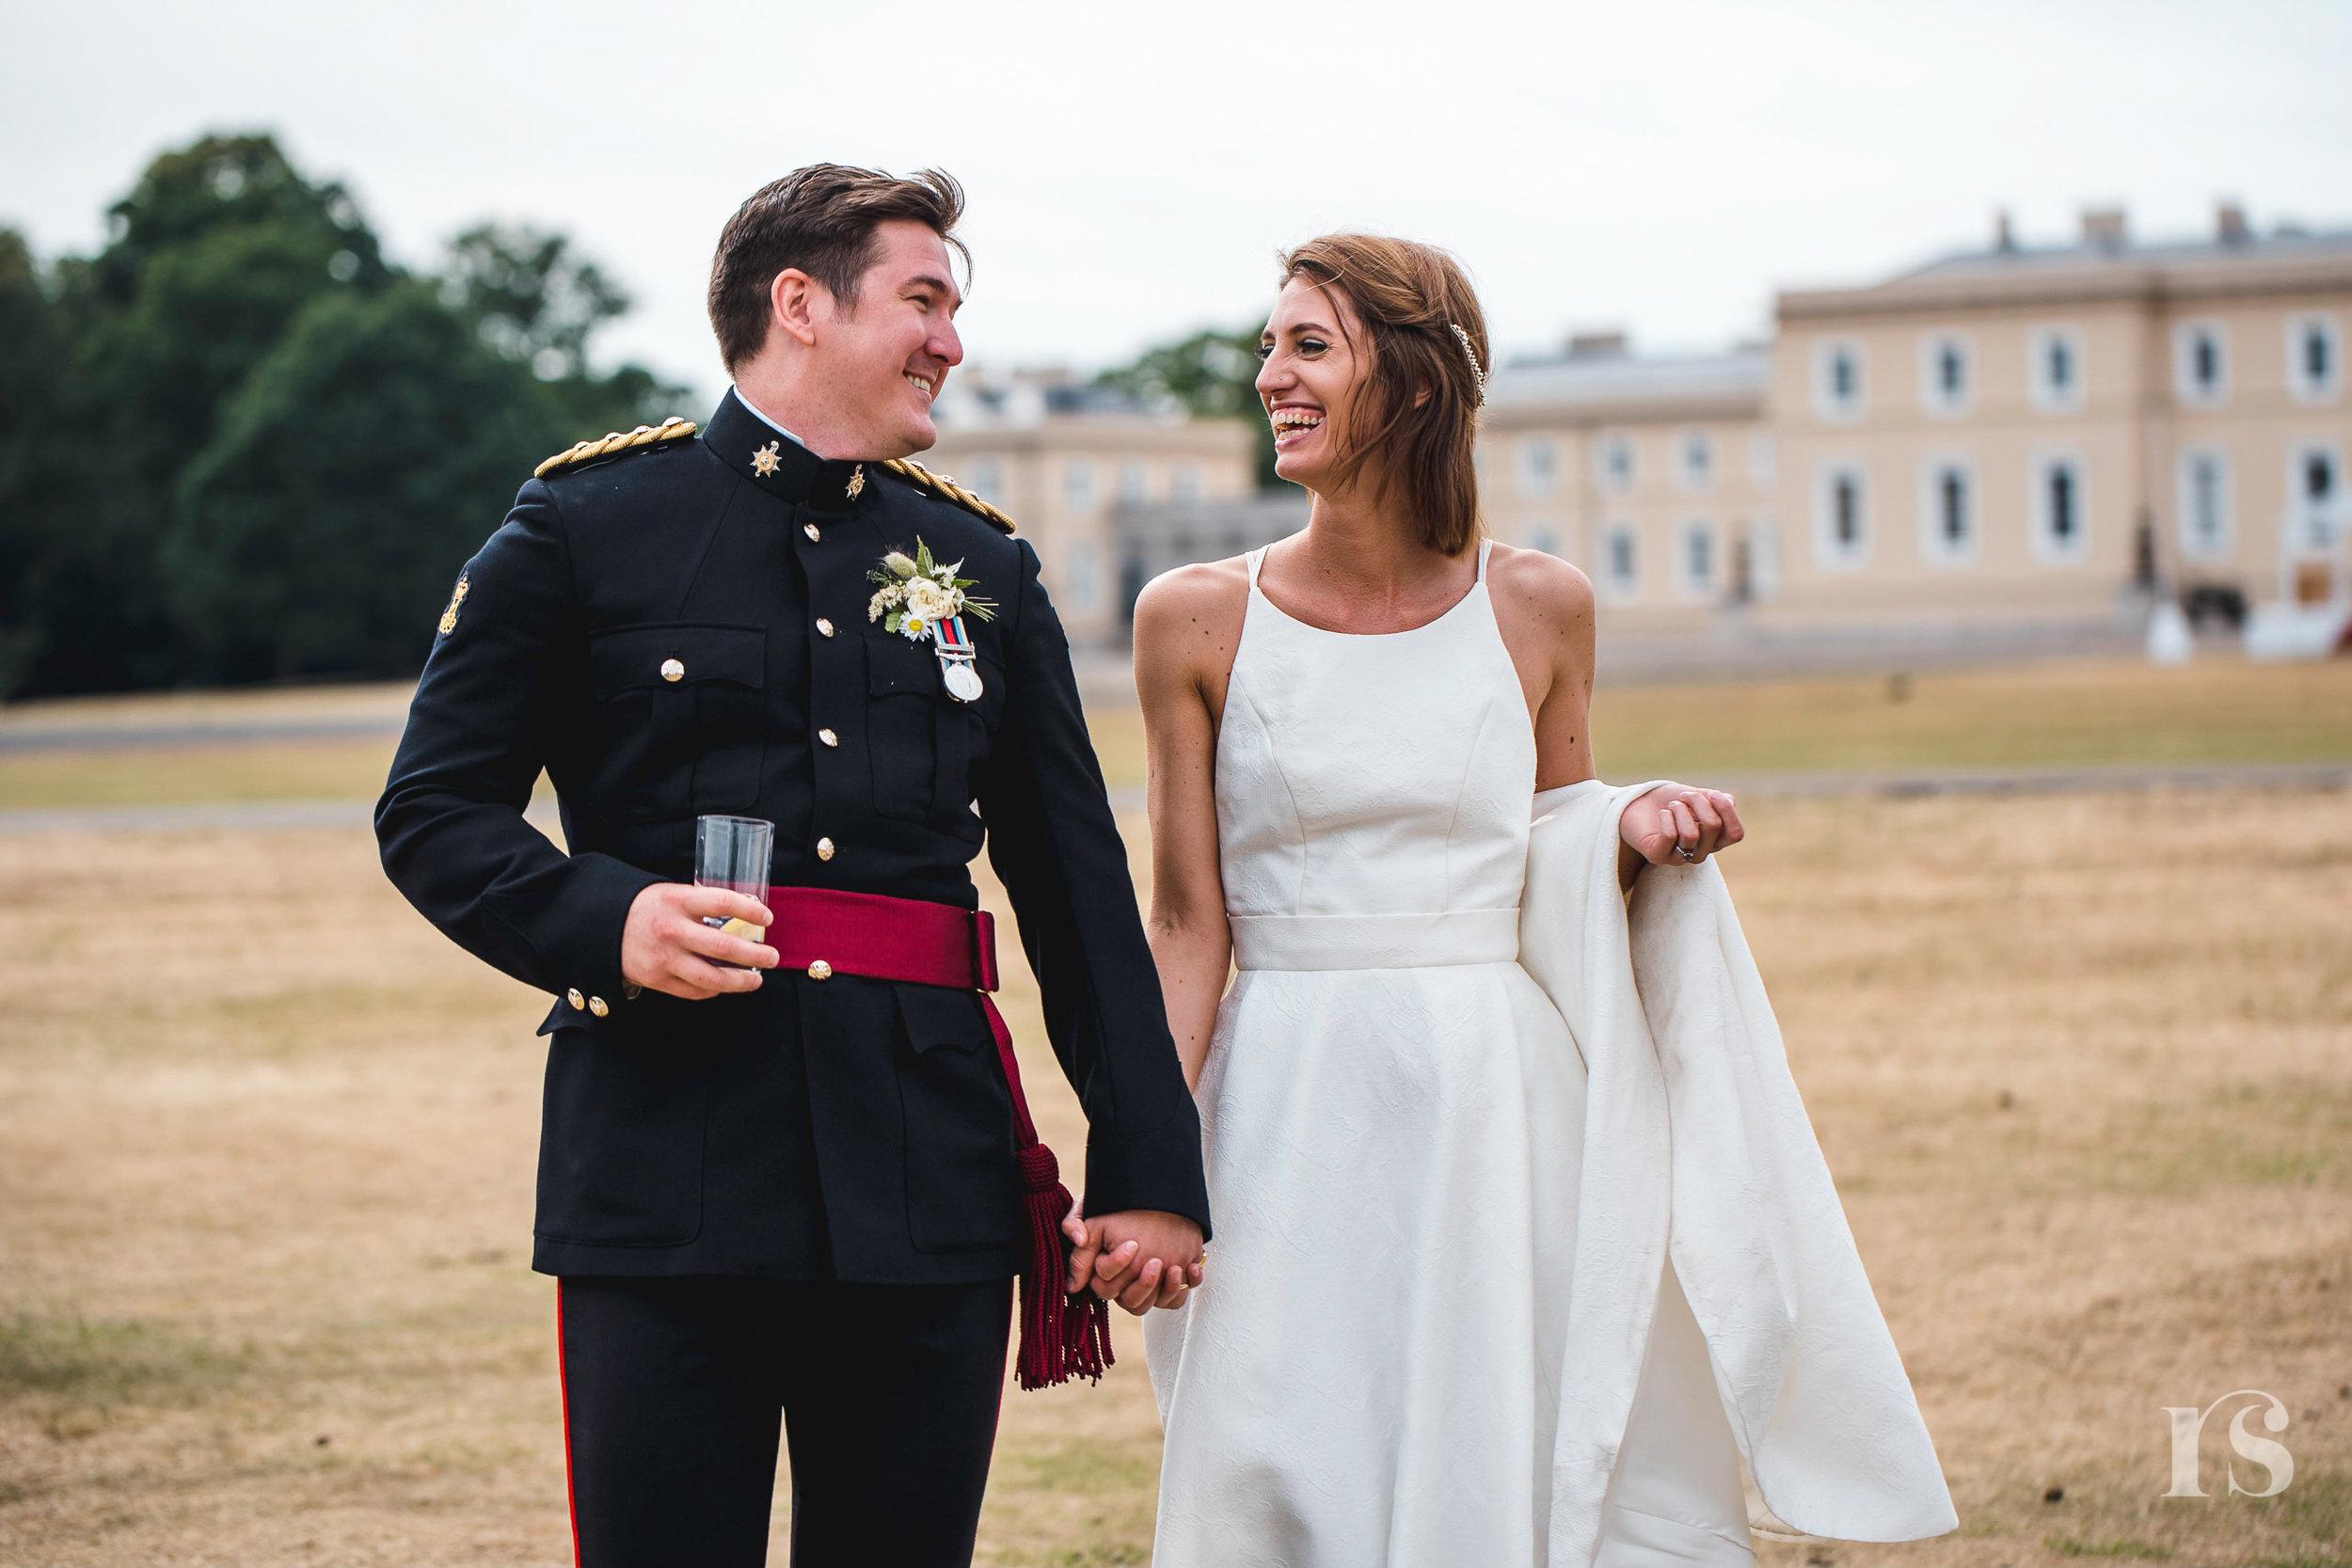 sandhurst-military-academy-wedding-104.jpg